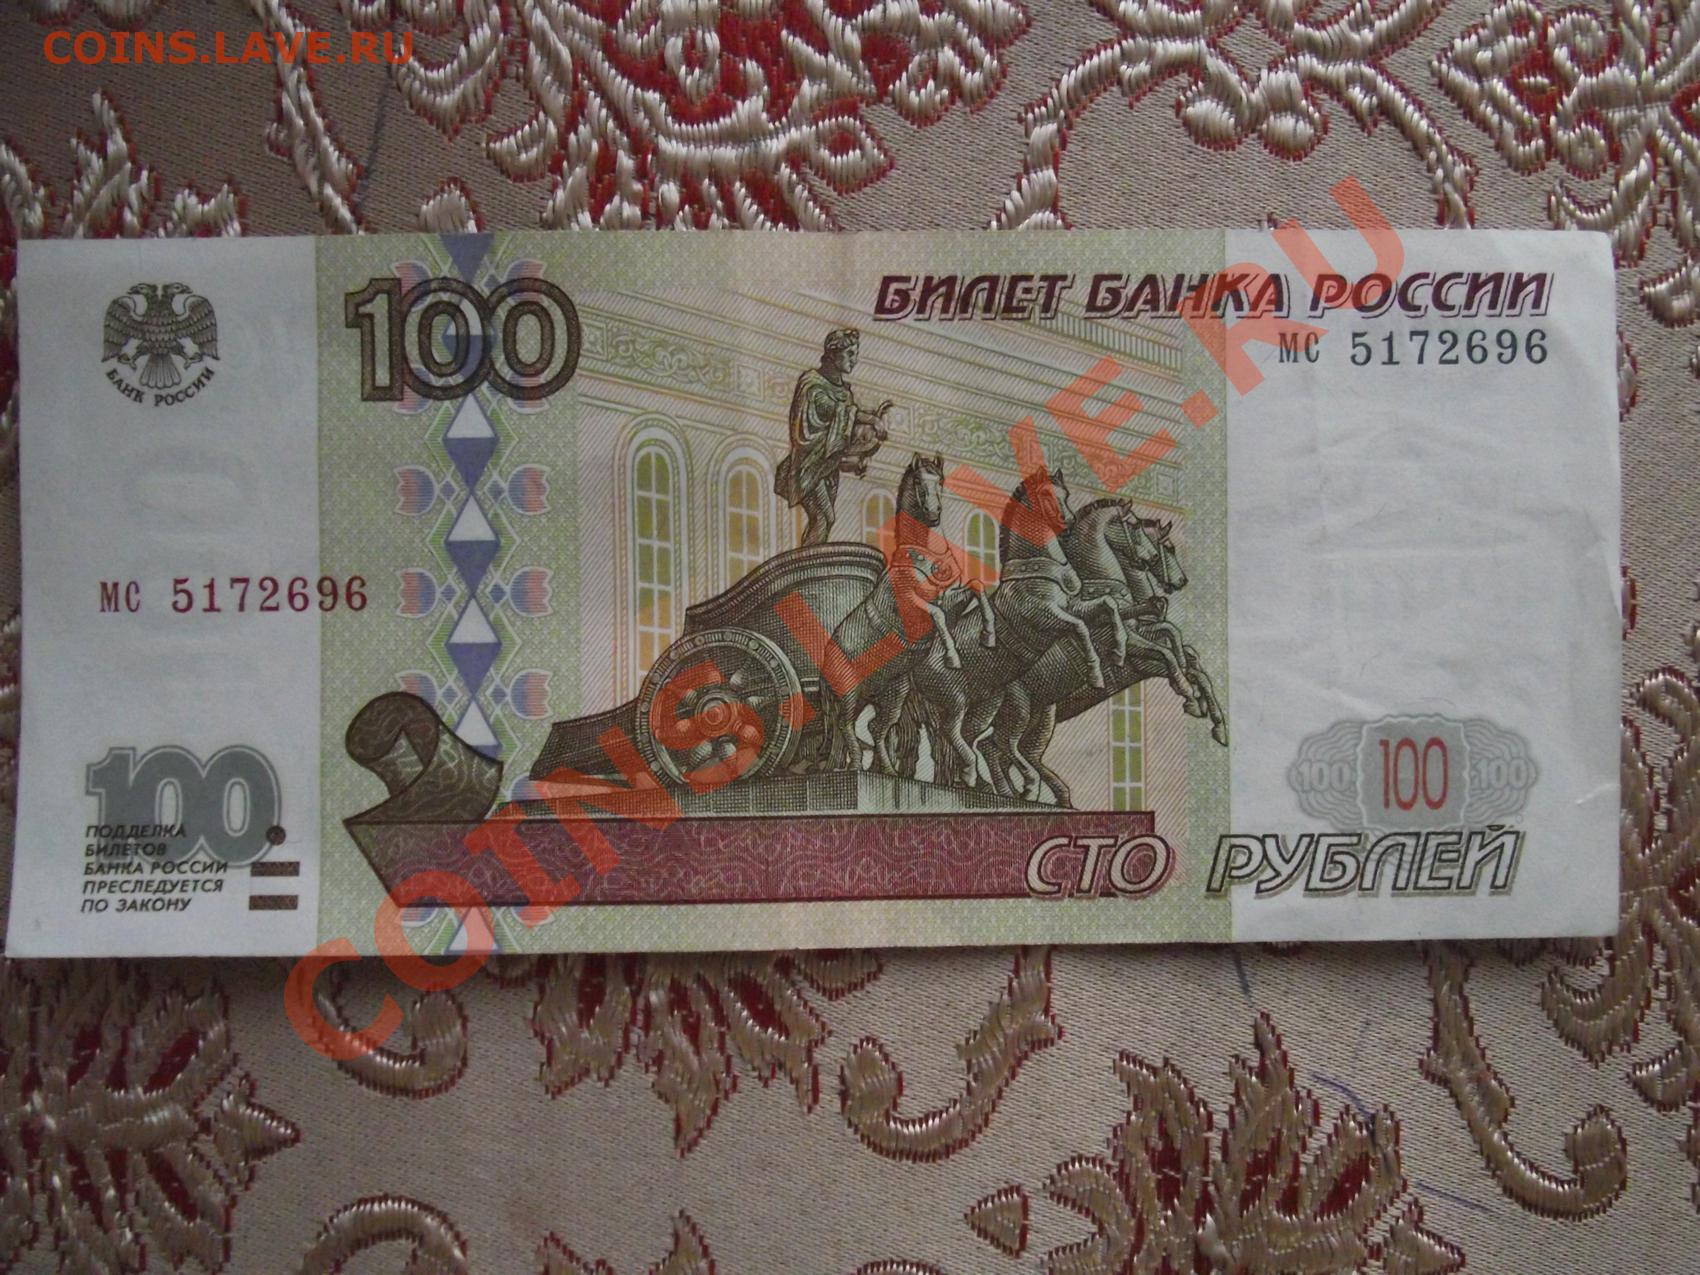 100 рублей 1997 года цена официальный сайт нумизматов россии